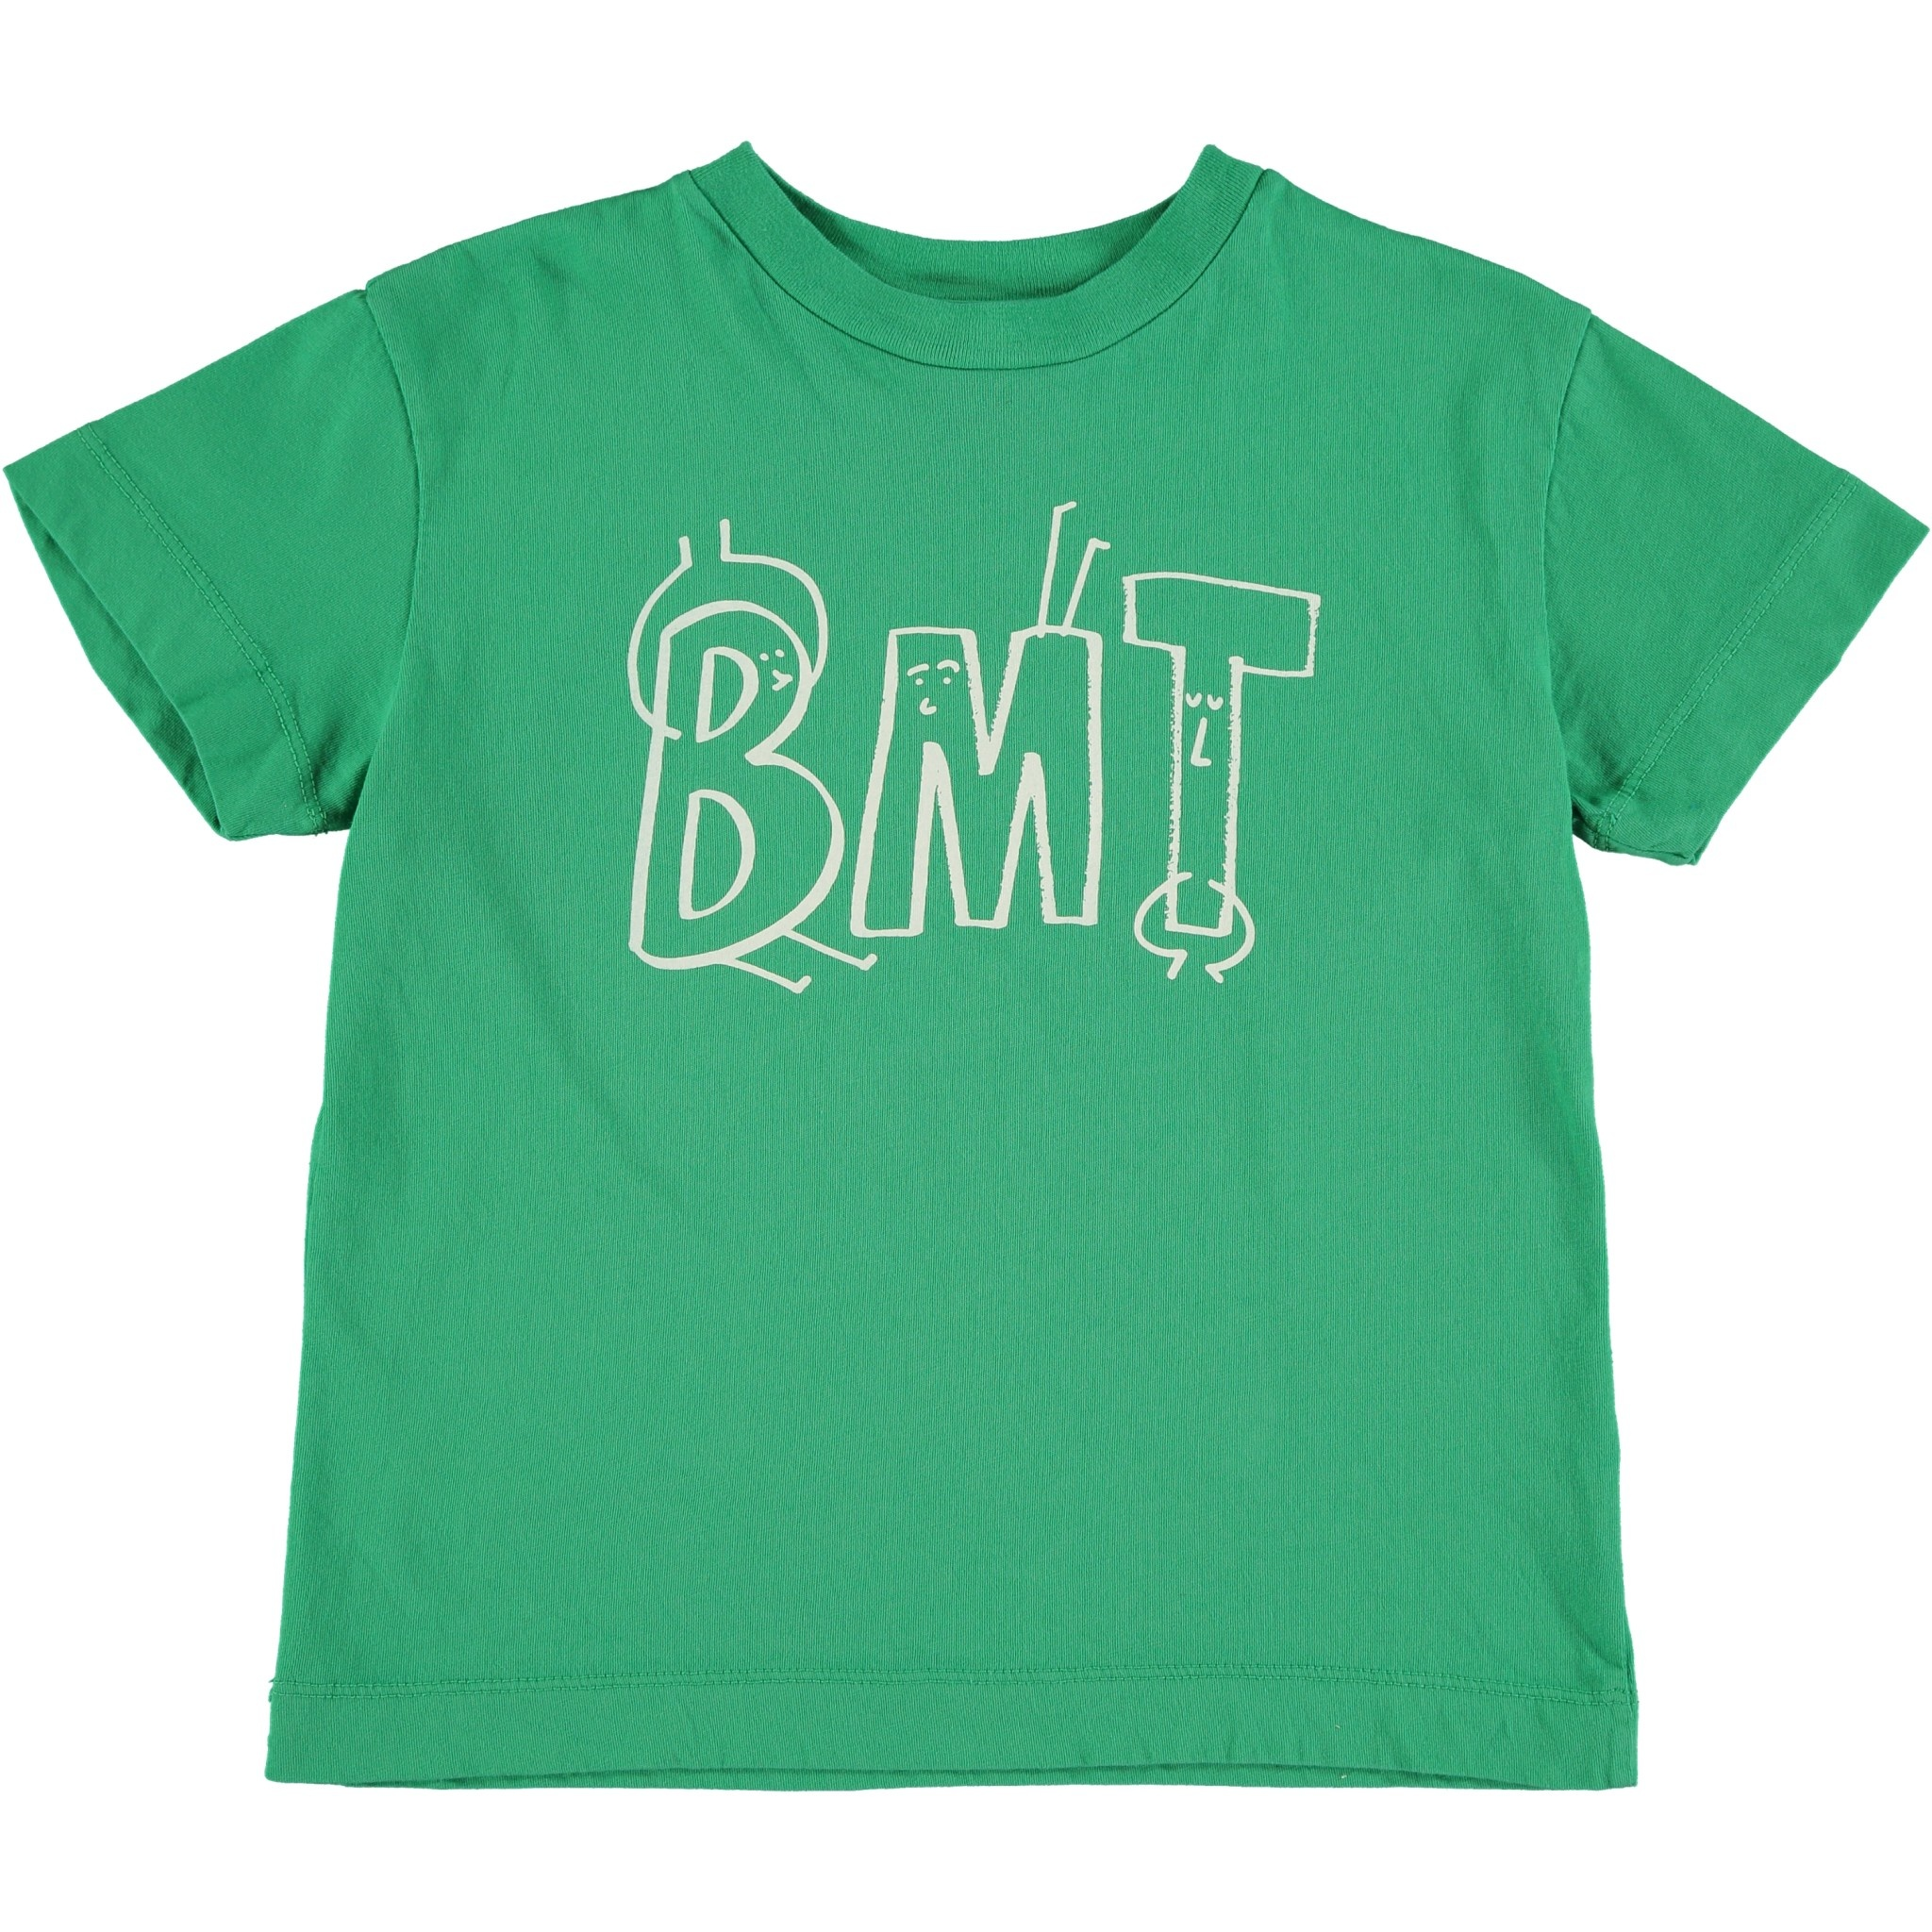 T-shirt bmt buddy green kids-1